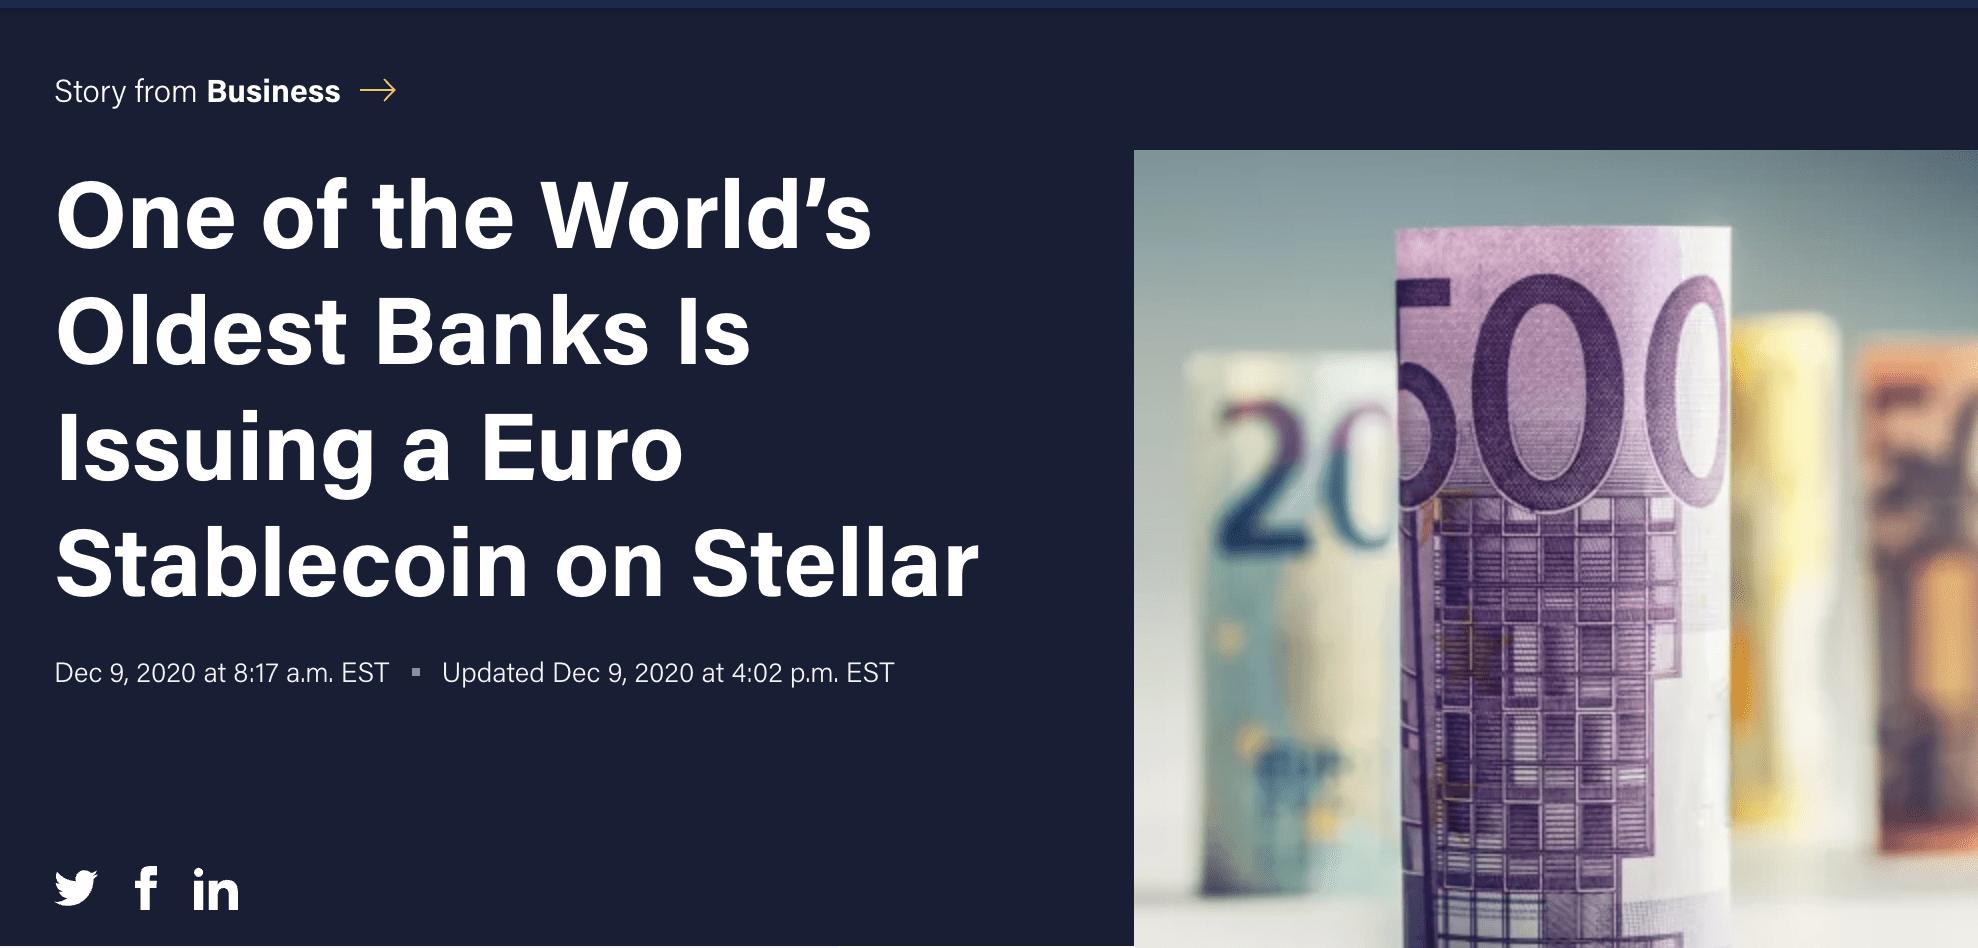 Euro Stablecoin